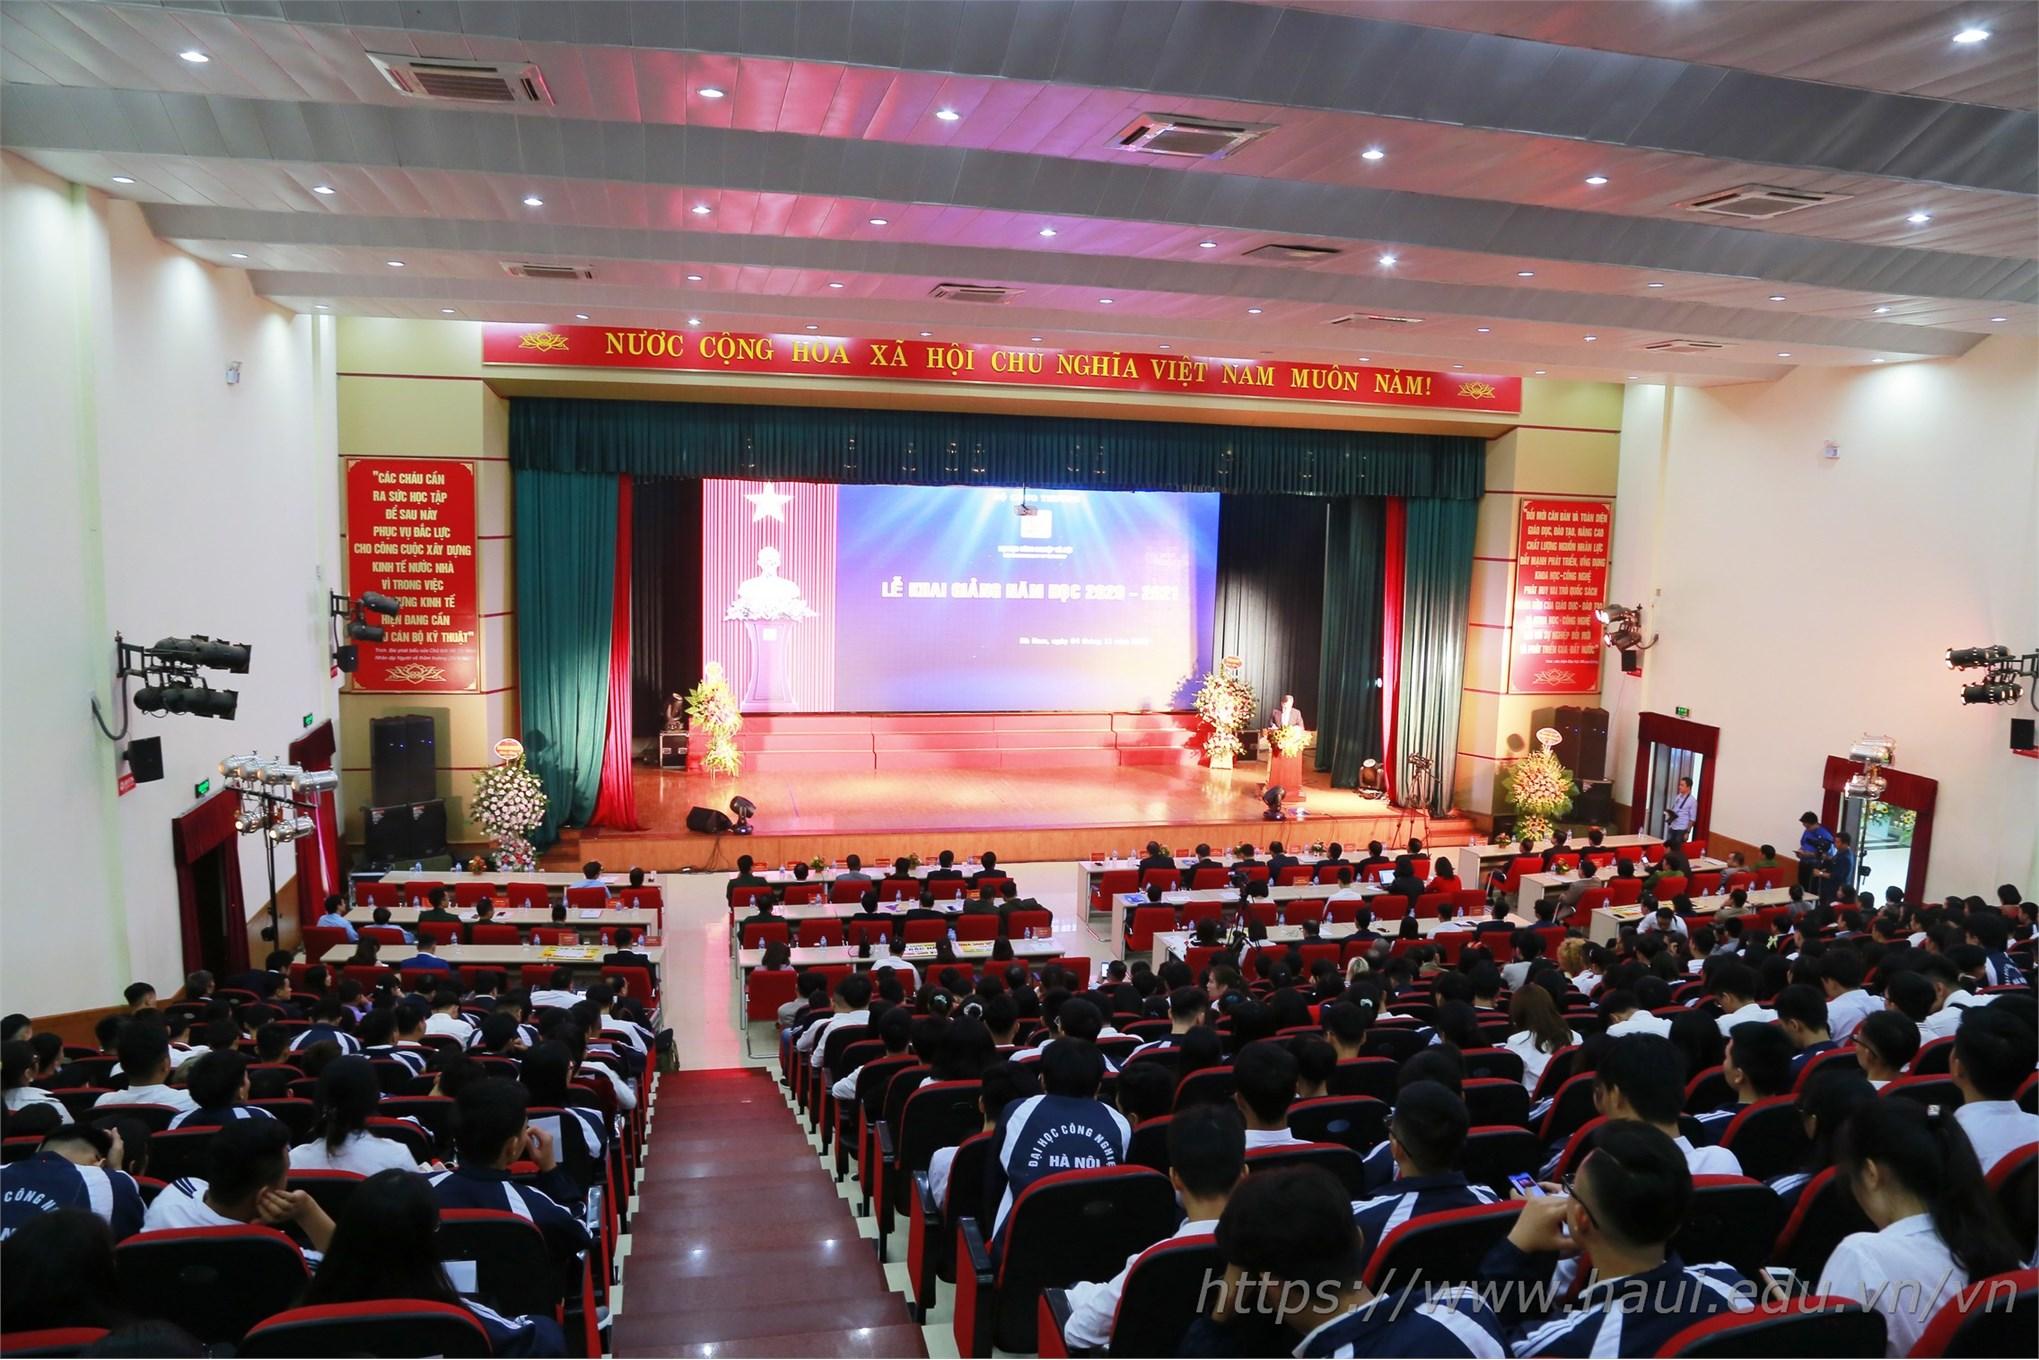 Toàn cảnh Lễ khai giảng năm học 2020 - 2021 của Đại học Công nghiệp Hà Nội